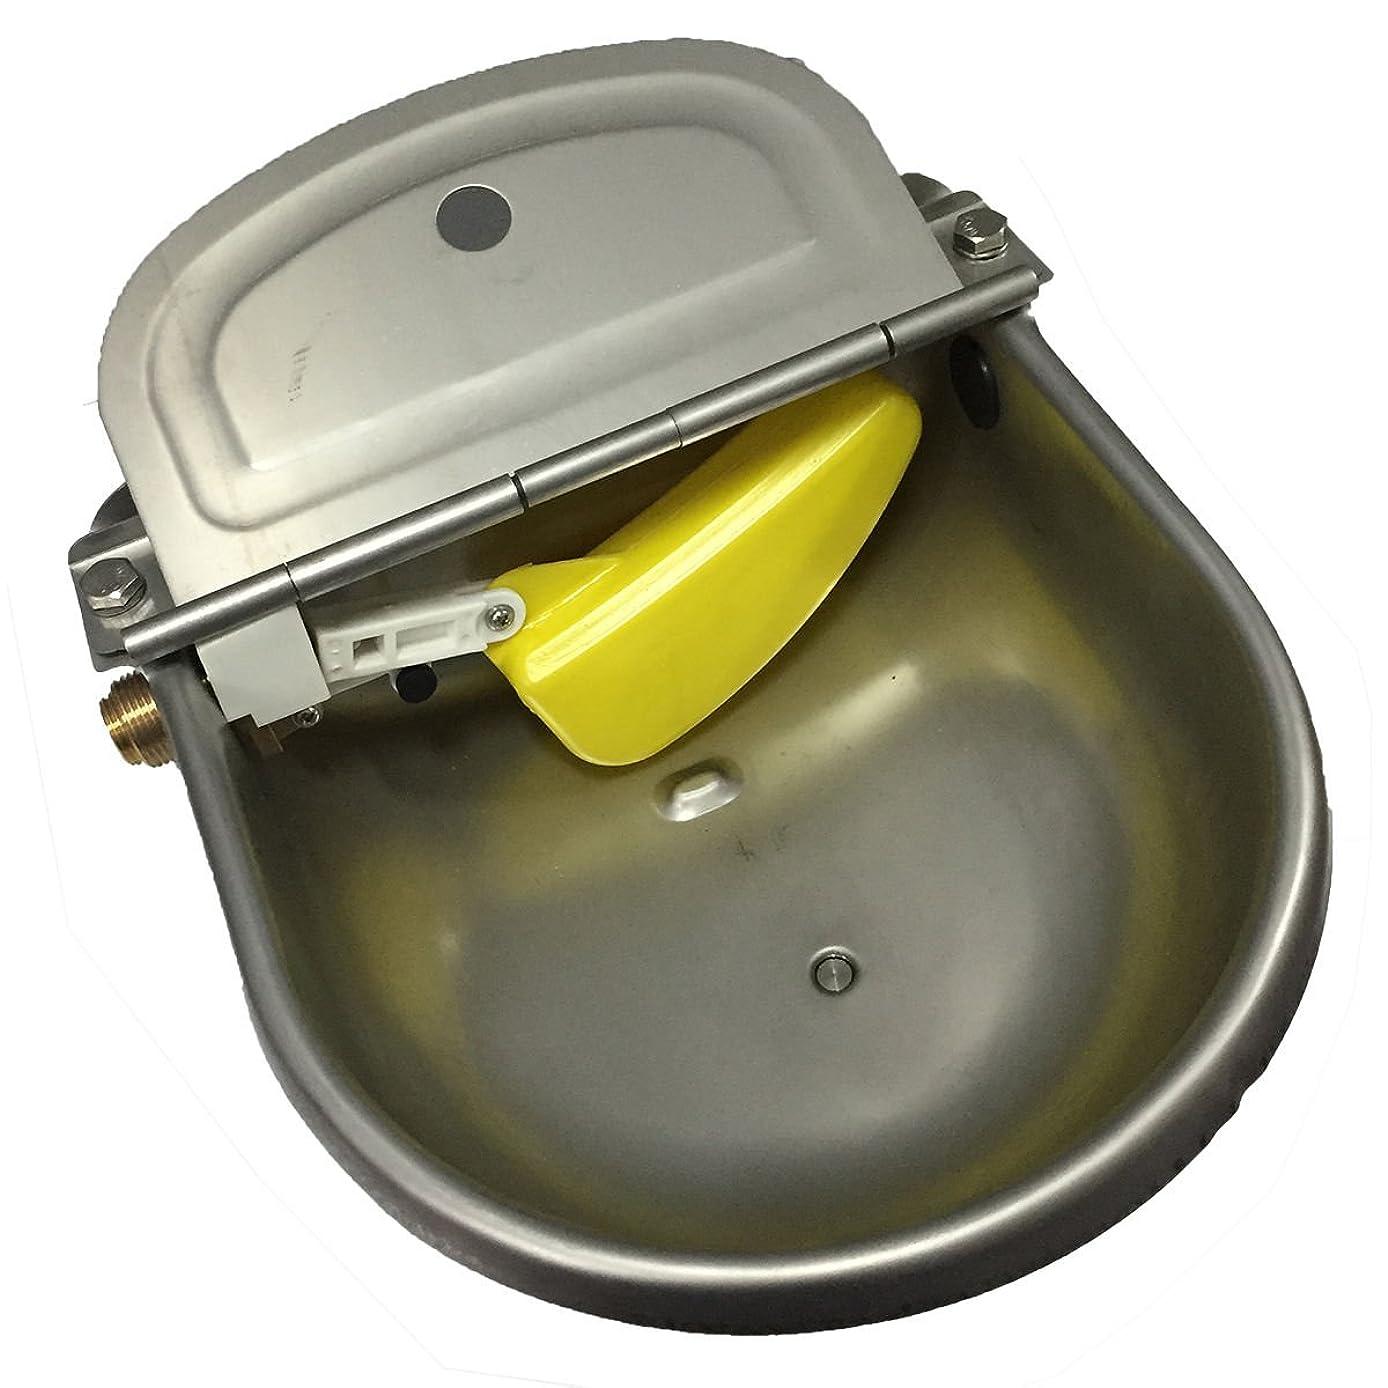 トマト再生債権者A8005 ドライブベッド M ダンガリーライトブルー(3) 防災 お出かけ カー用品 ラディカ